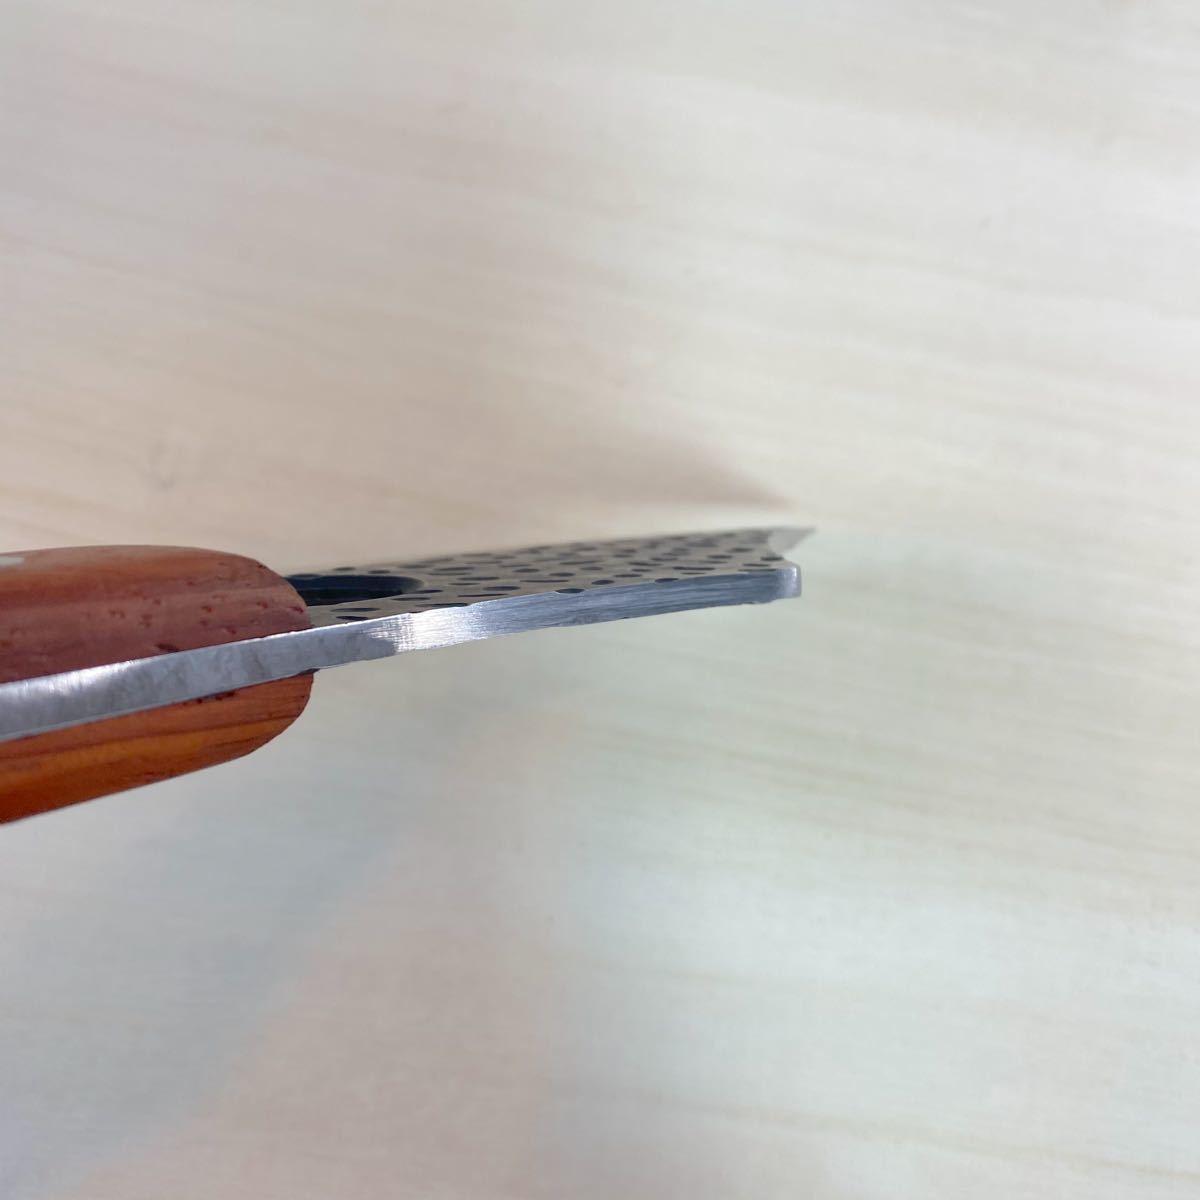 シースナイフ レザーケース付き! チョッピングナイフ アウトドアナイフ ウッドハンドル ハンティングナイフ